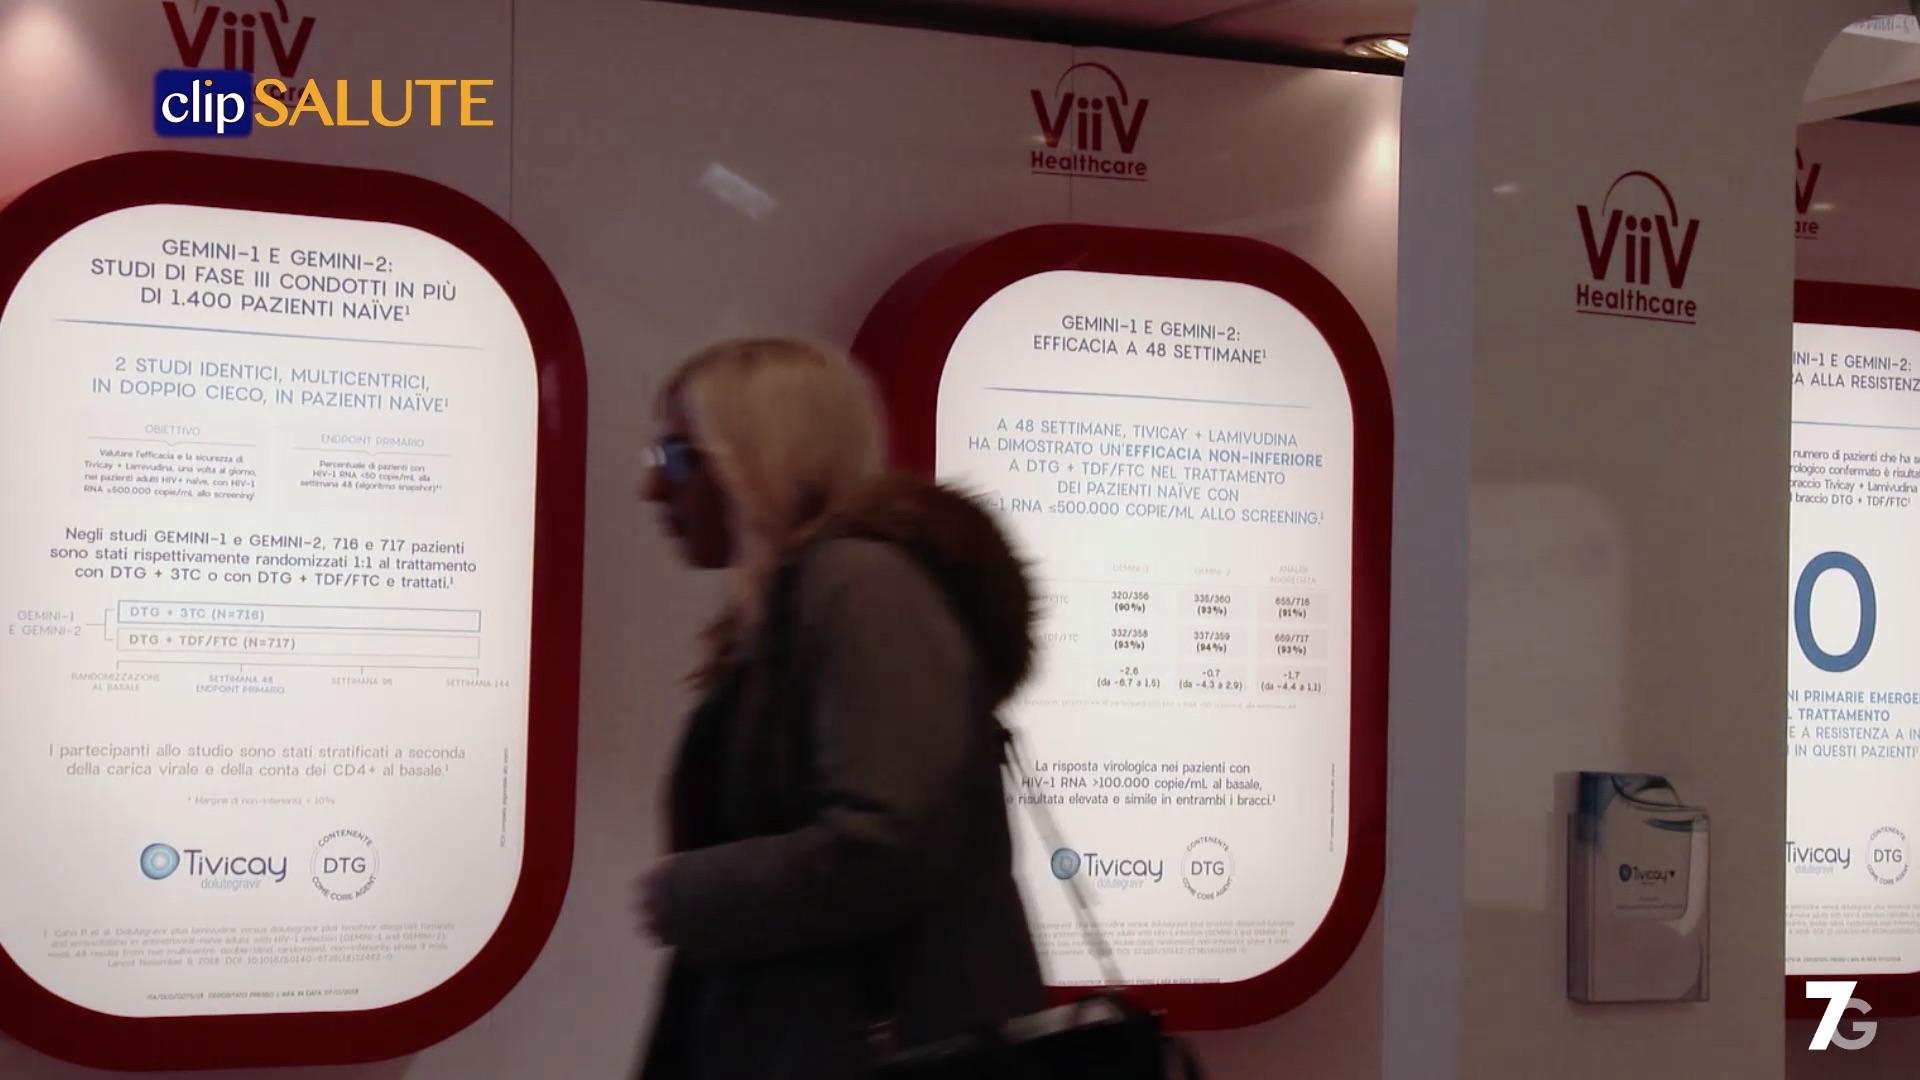 5-HIV 23dic18